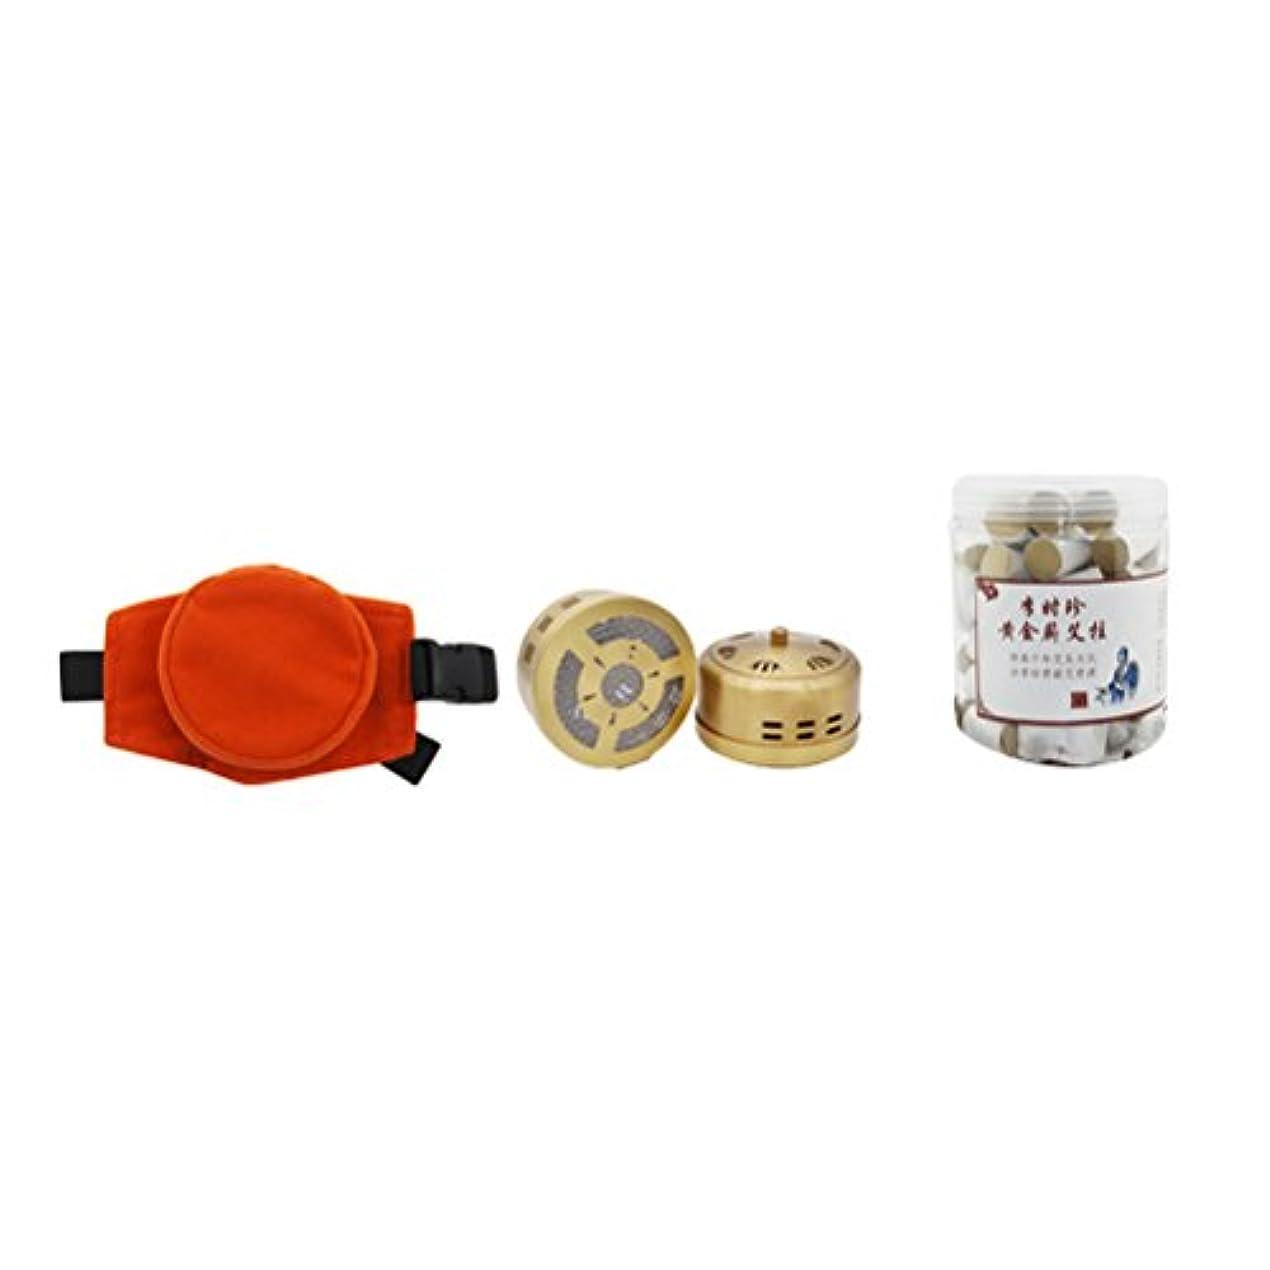 文庫本納屋スピン灸スティックバーナーボックス無煙Moxa清浄器銅タンク調節可能なポケットと60個の腰部頚部の膝関節炎痛み緩和のための灸棒の灸治療の箱